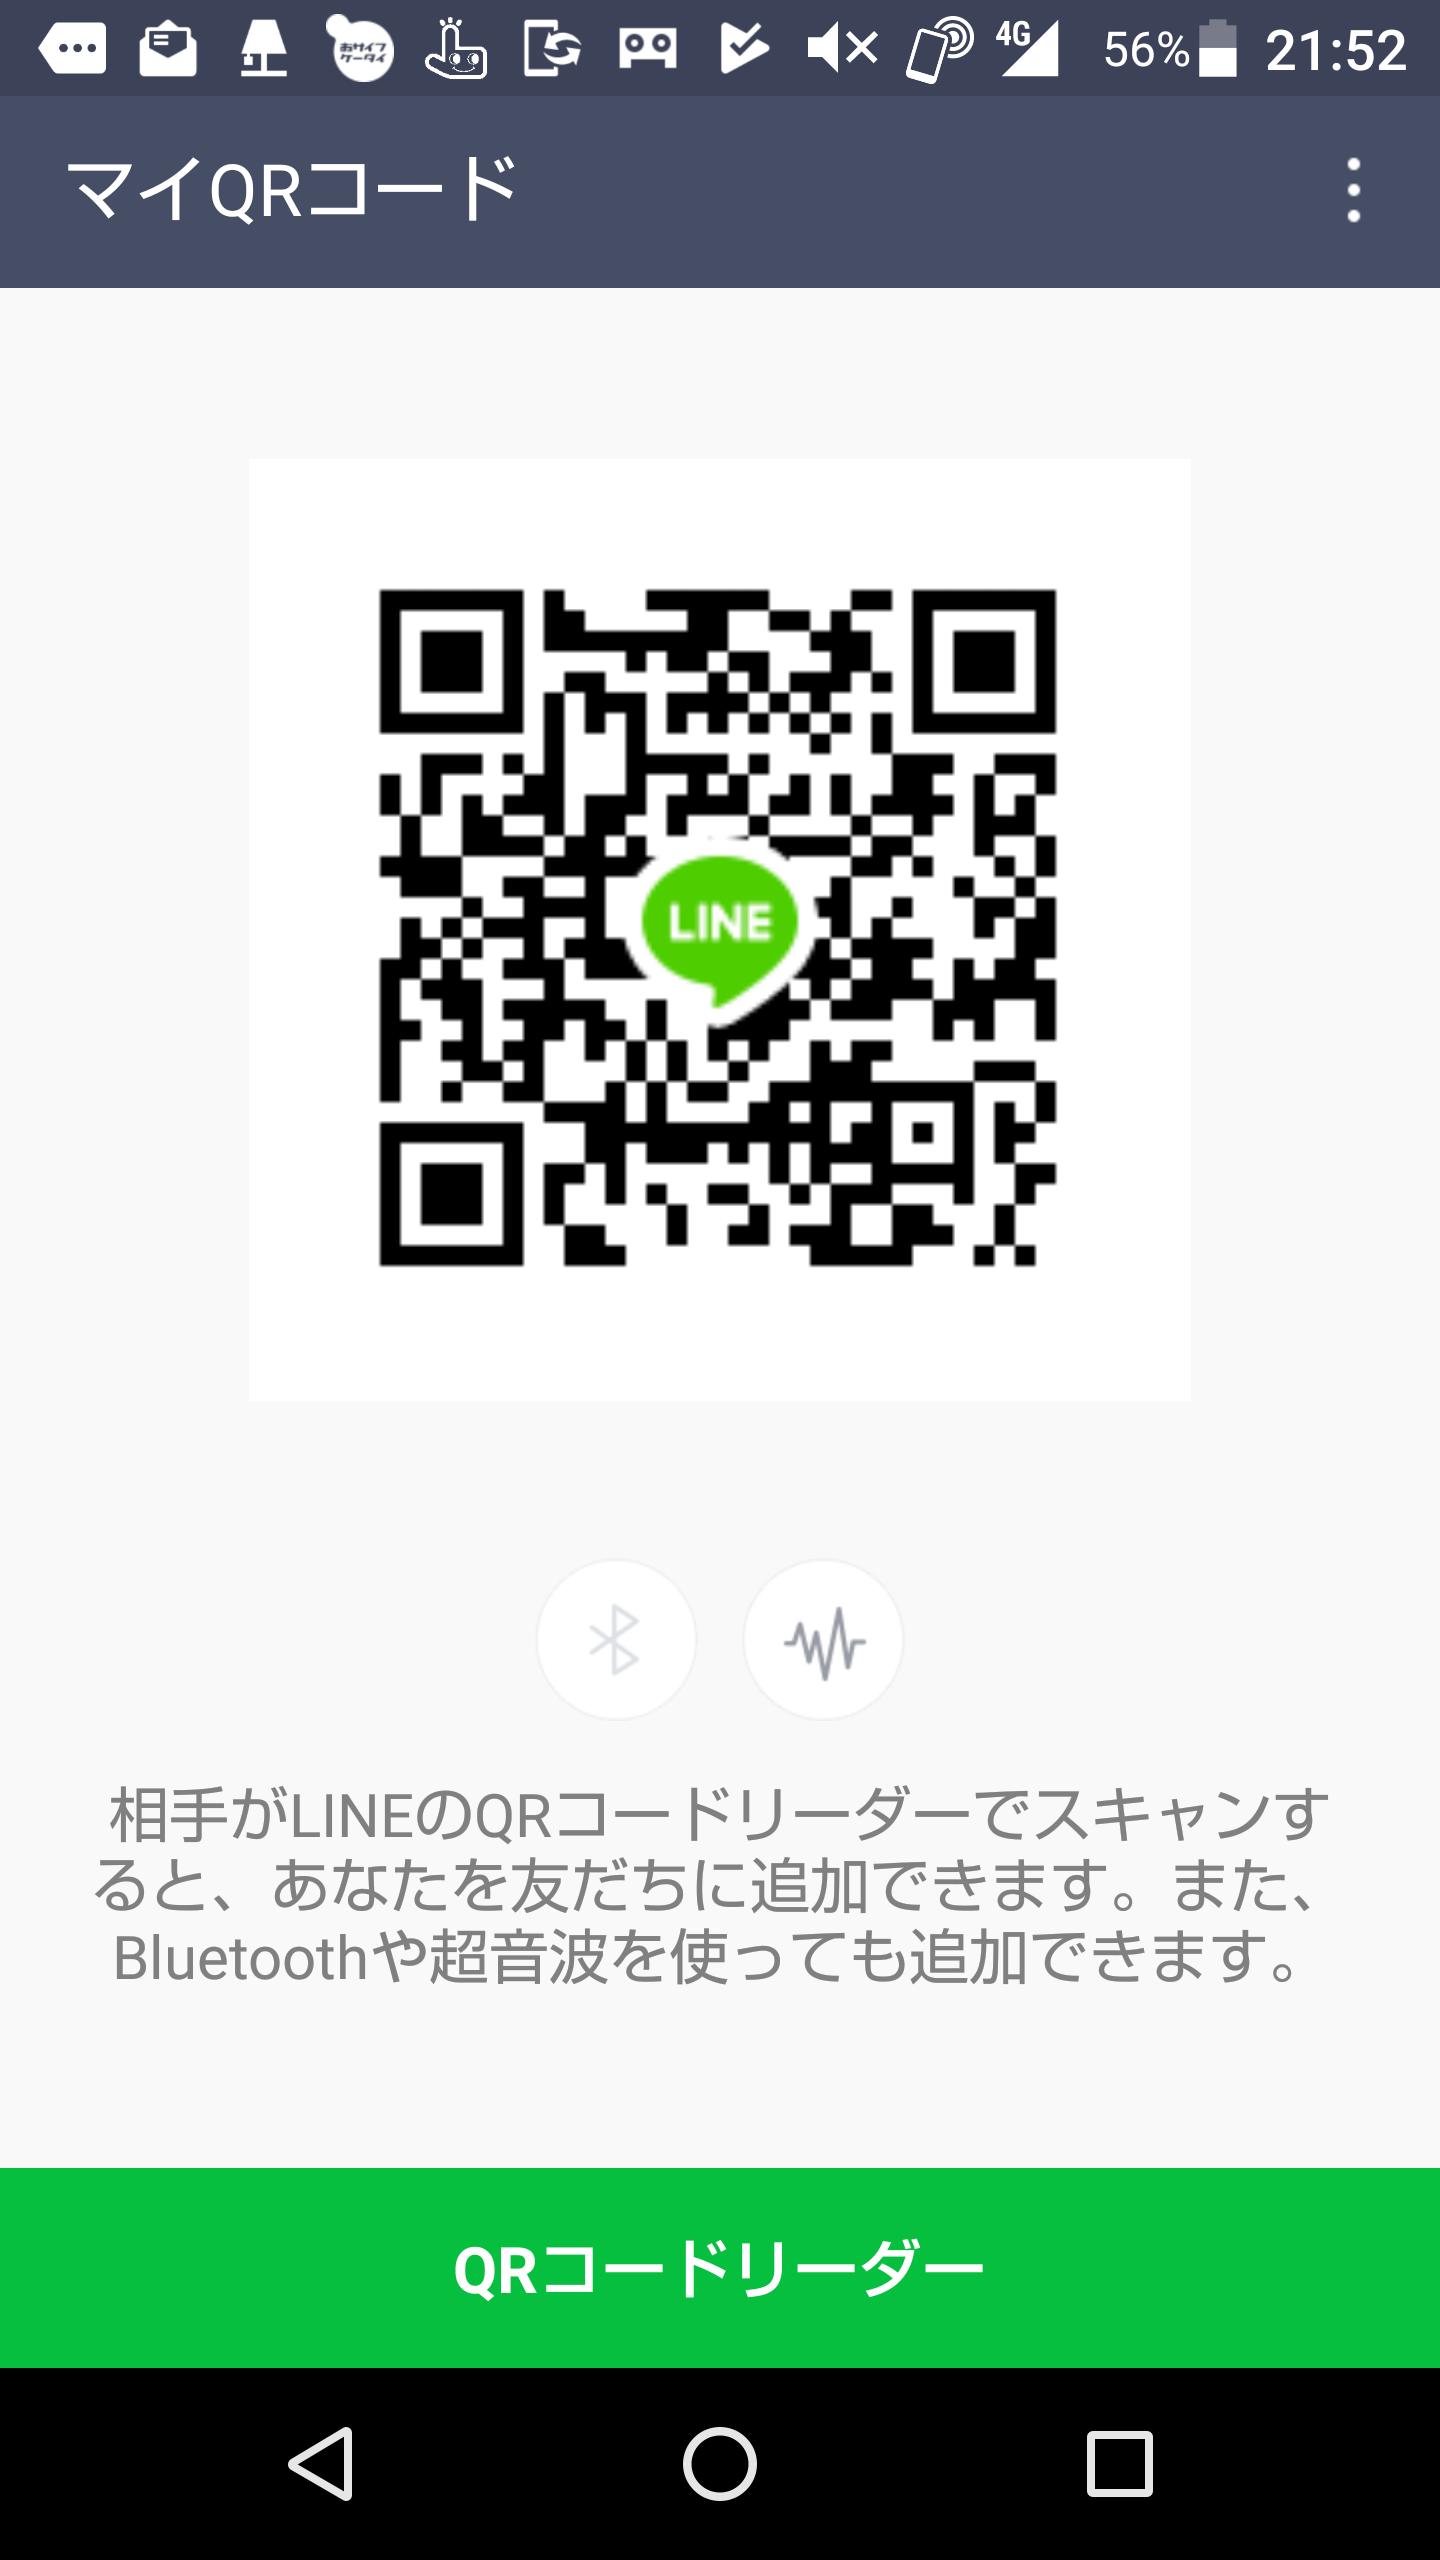 ゆーくんさんのLINE QRコード